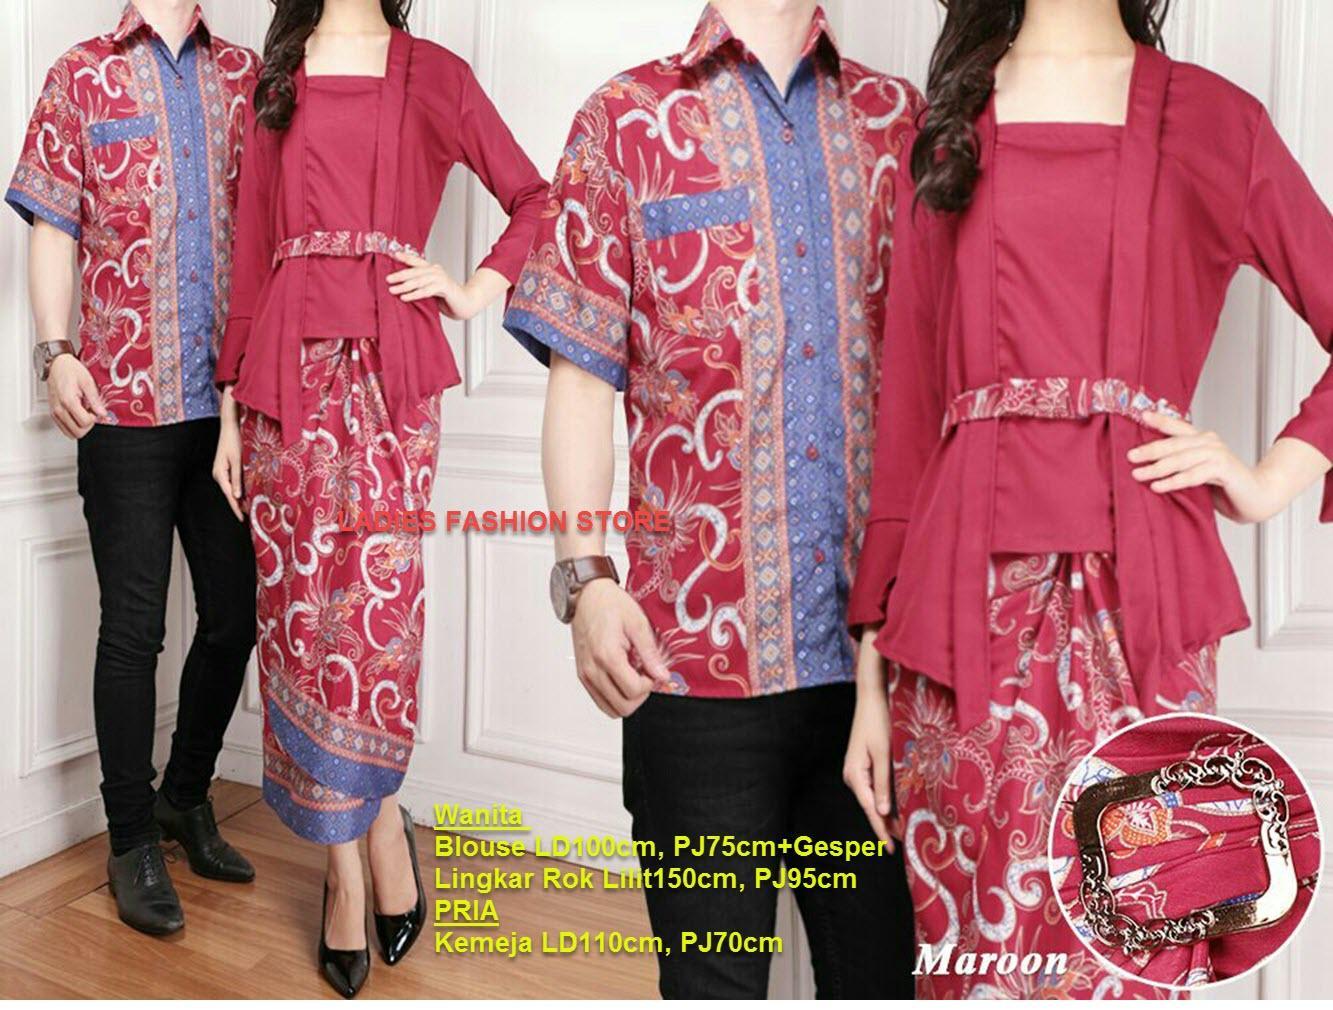 LF  Batik Couple/ Batik Pasangan Wanita dan Pria Modern Keluarga / Batik Murah / Batik Lebaran / BATIK Masa Kini / Batik Bahan Adem / Baju lebaran / Batik Gamis / Kemeja Pria / Atasan Pria / Setelan Batik (ntasi) 7T - MARUN MERAH / Pakaian Batik Muslim